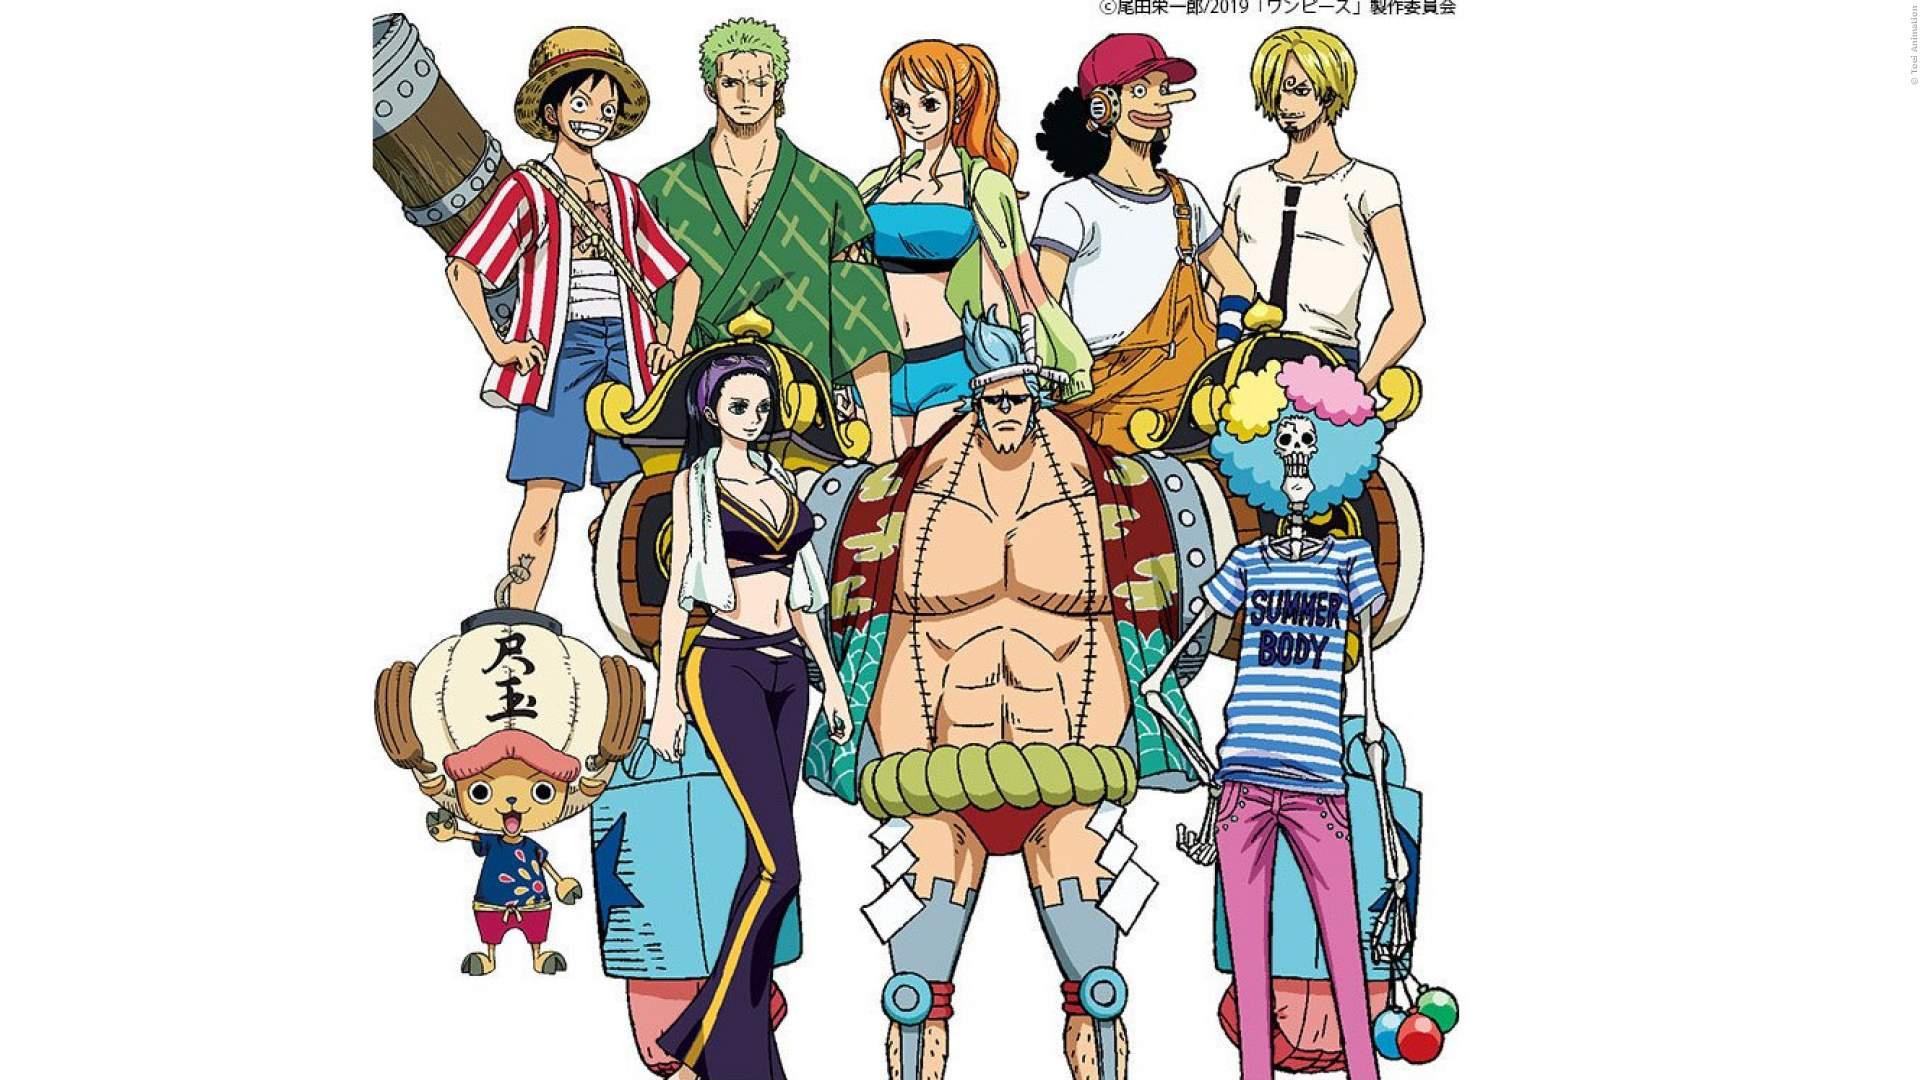 One Piece Stampede: Bilder zeigen neue Helden-Designs - Bild 1 von 10